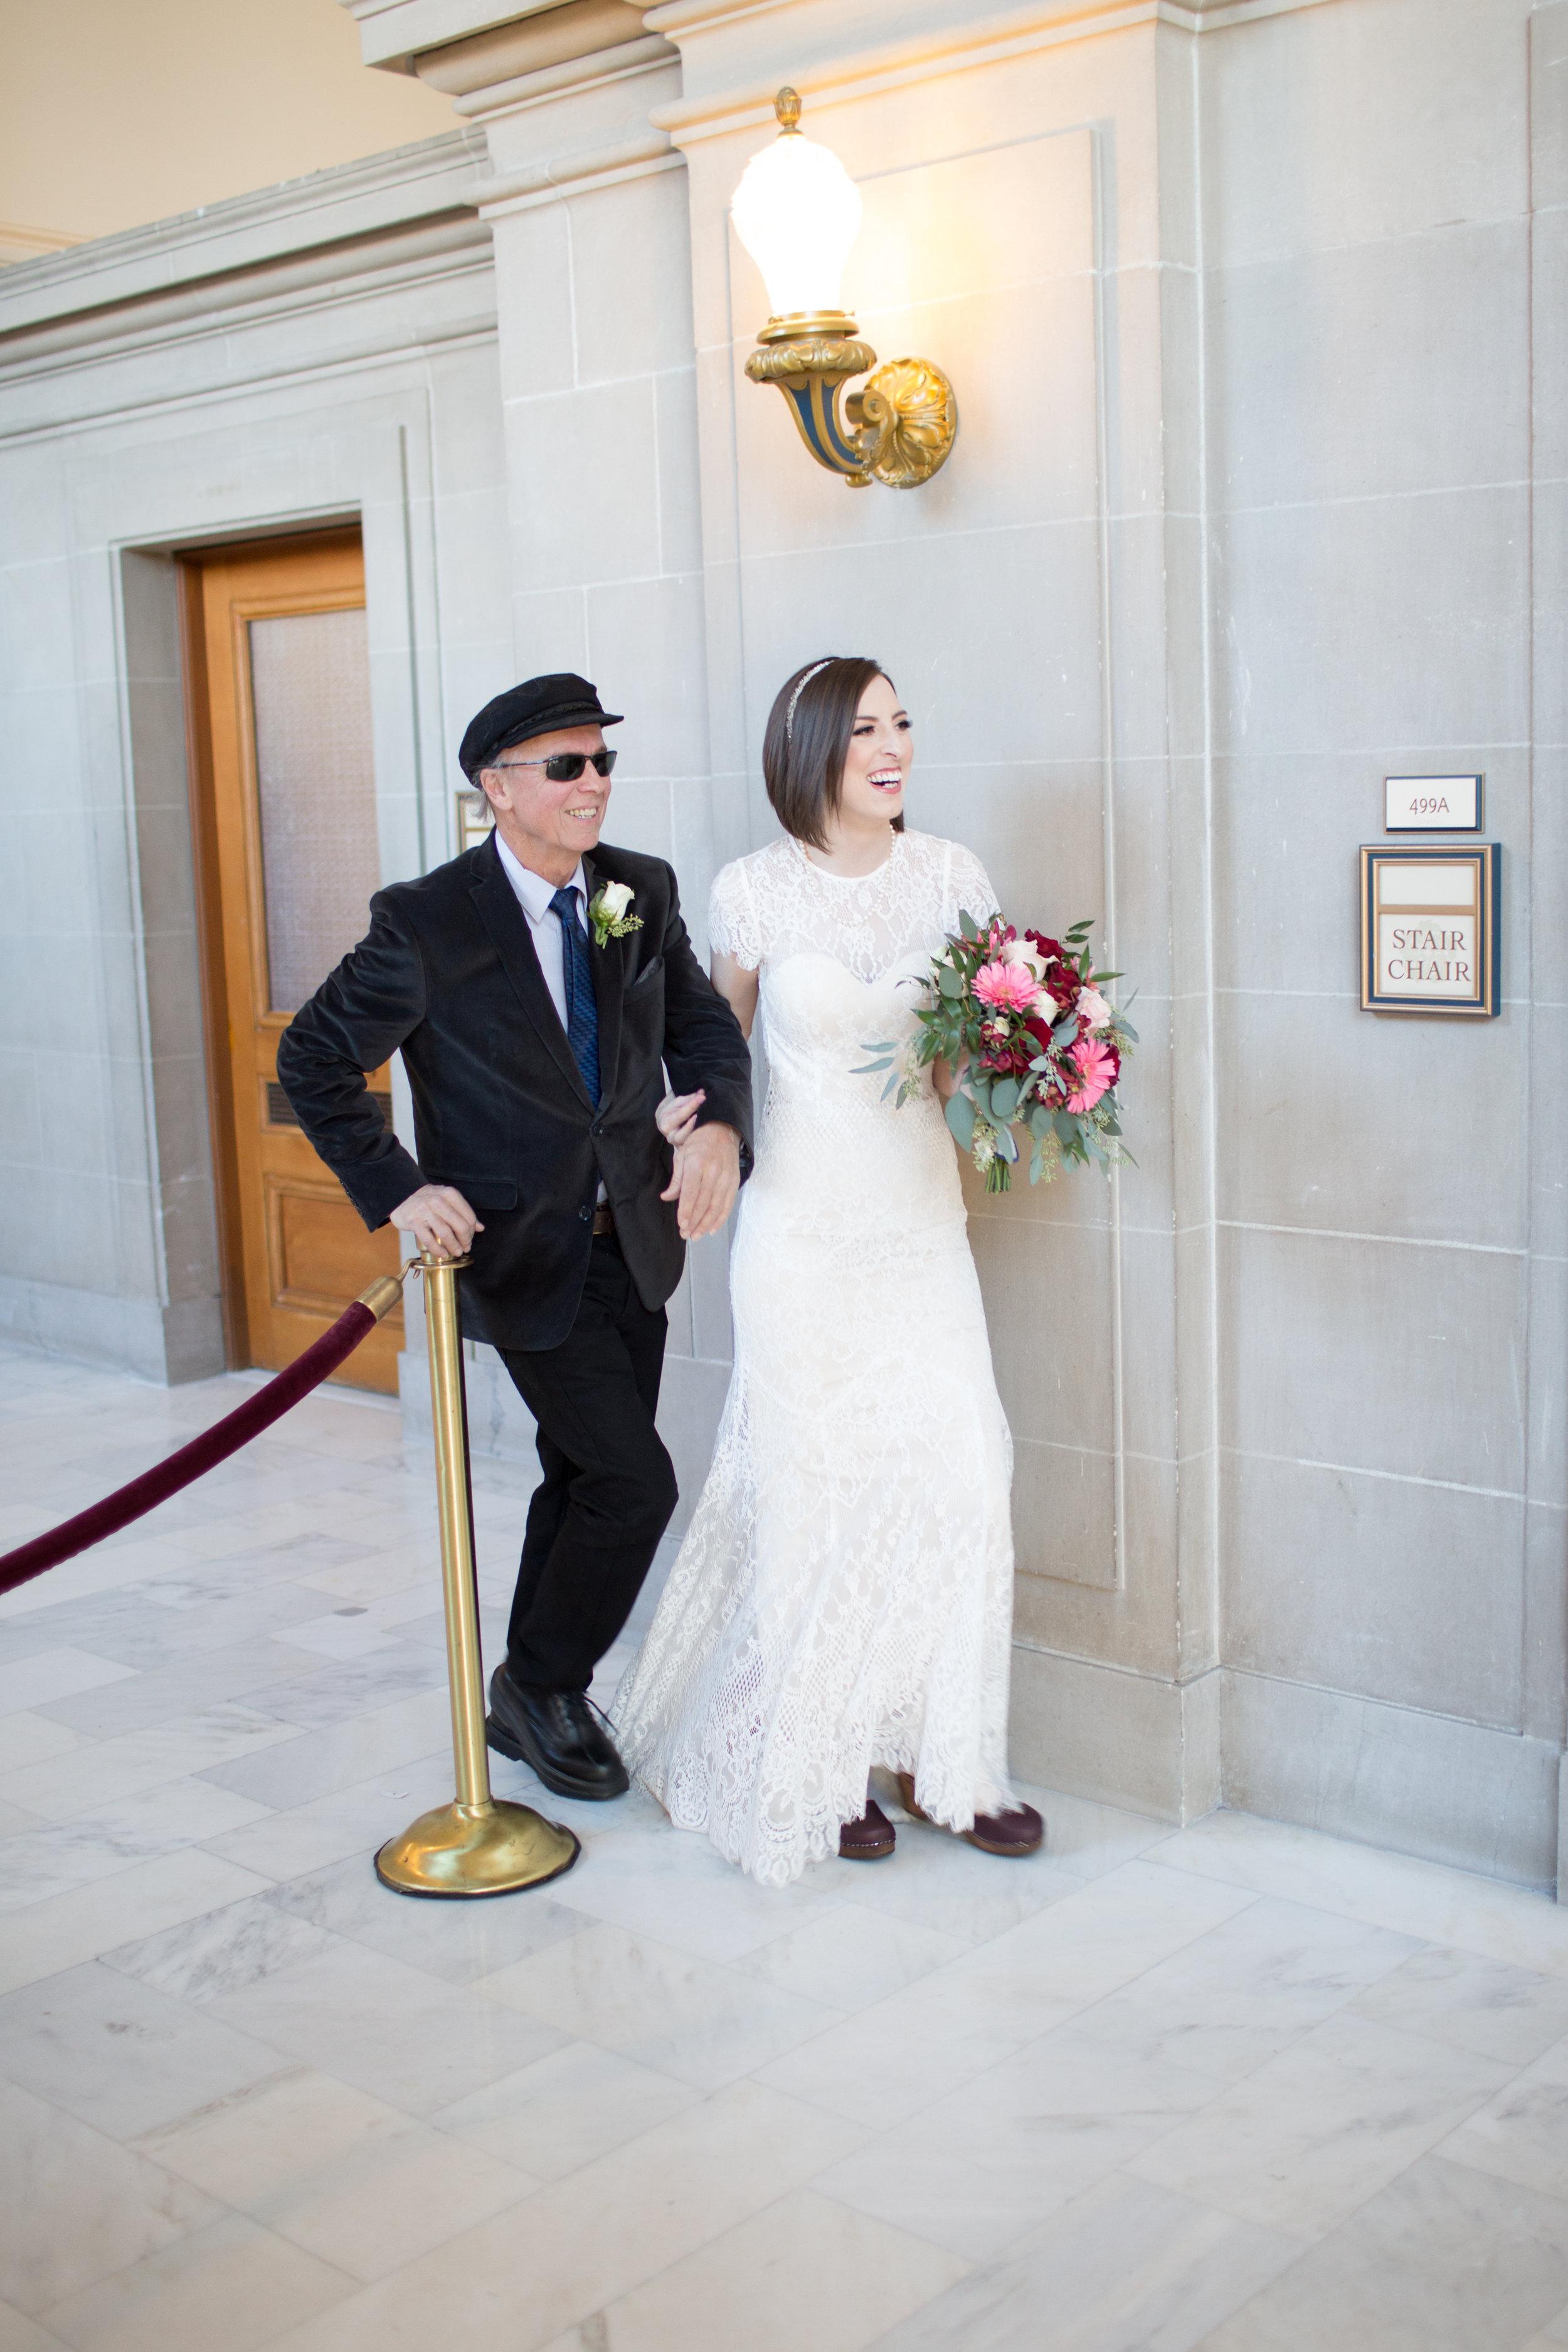 Renee&Jake_WeddingPreviews-001.jpg